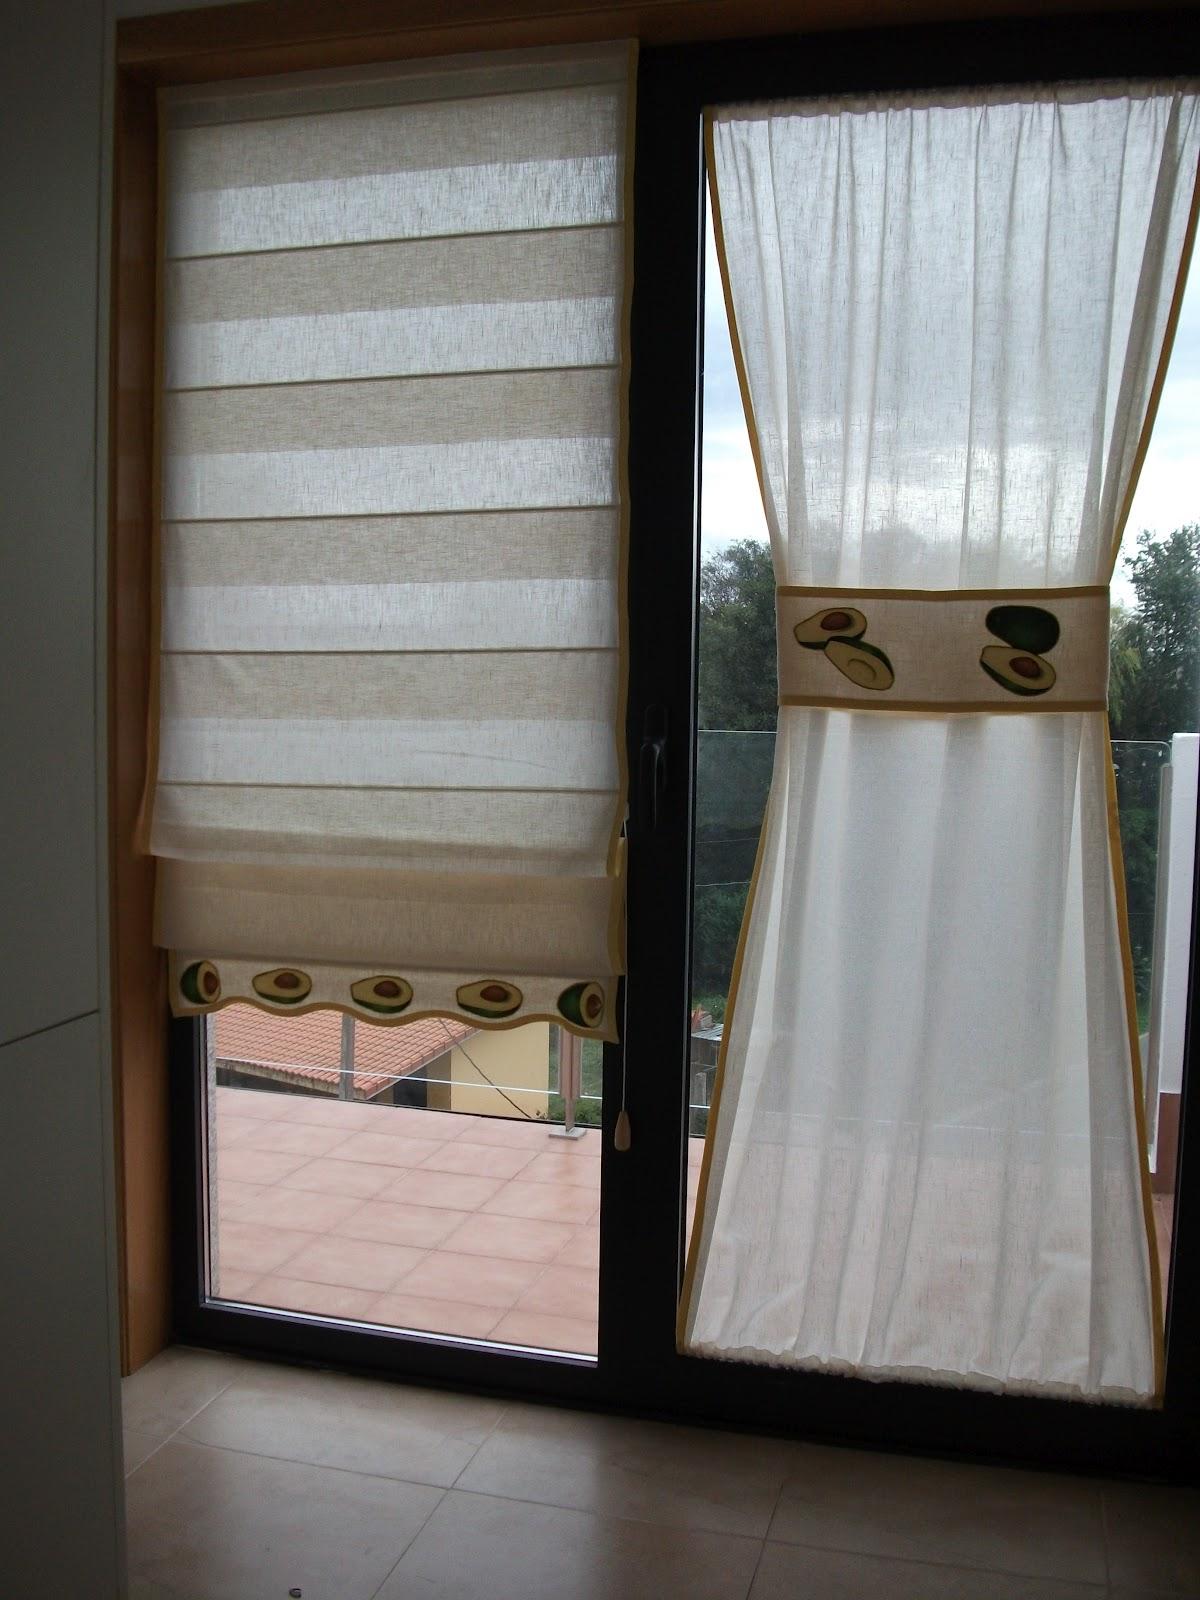 El rinconcito de las rodriguez estor de varilla acabado - Estor con cortina ...